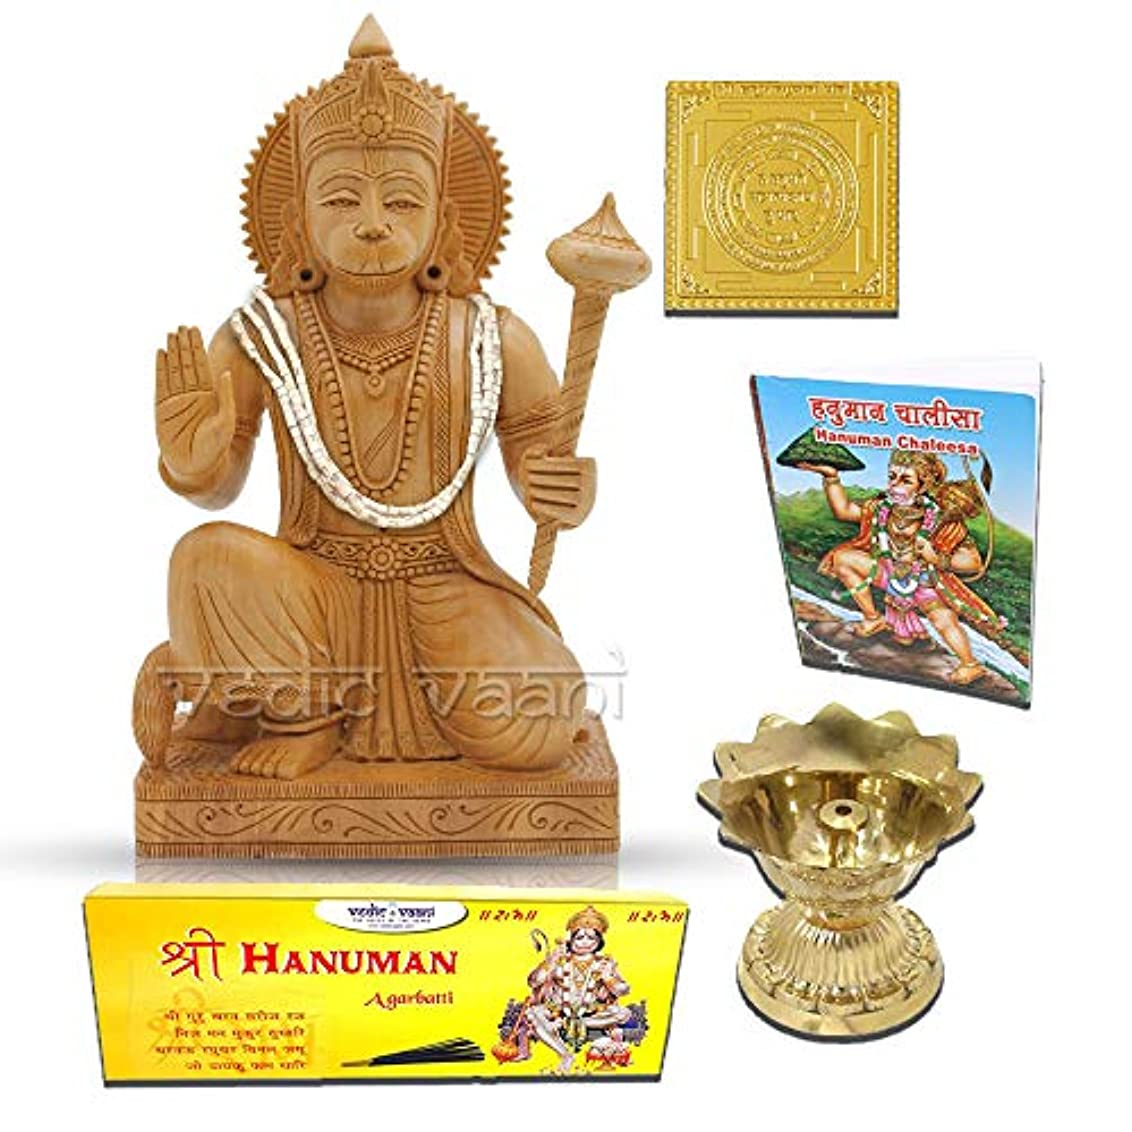 ロビーファブリックホップLord Hanuman木製Statue withヤントラ、Chalisa、Diya and Incense Sticks Vedic Vaani